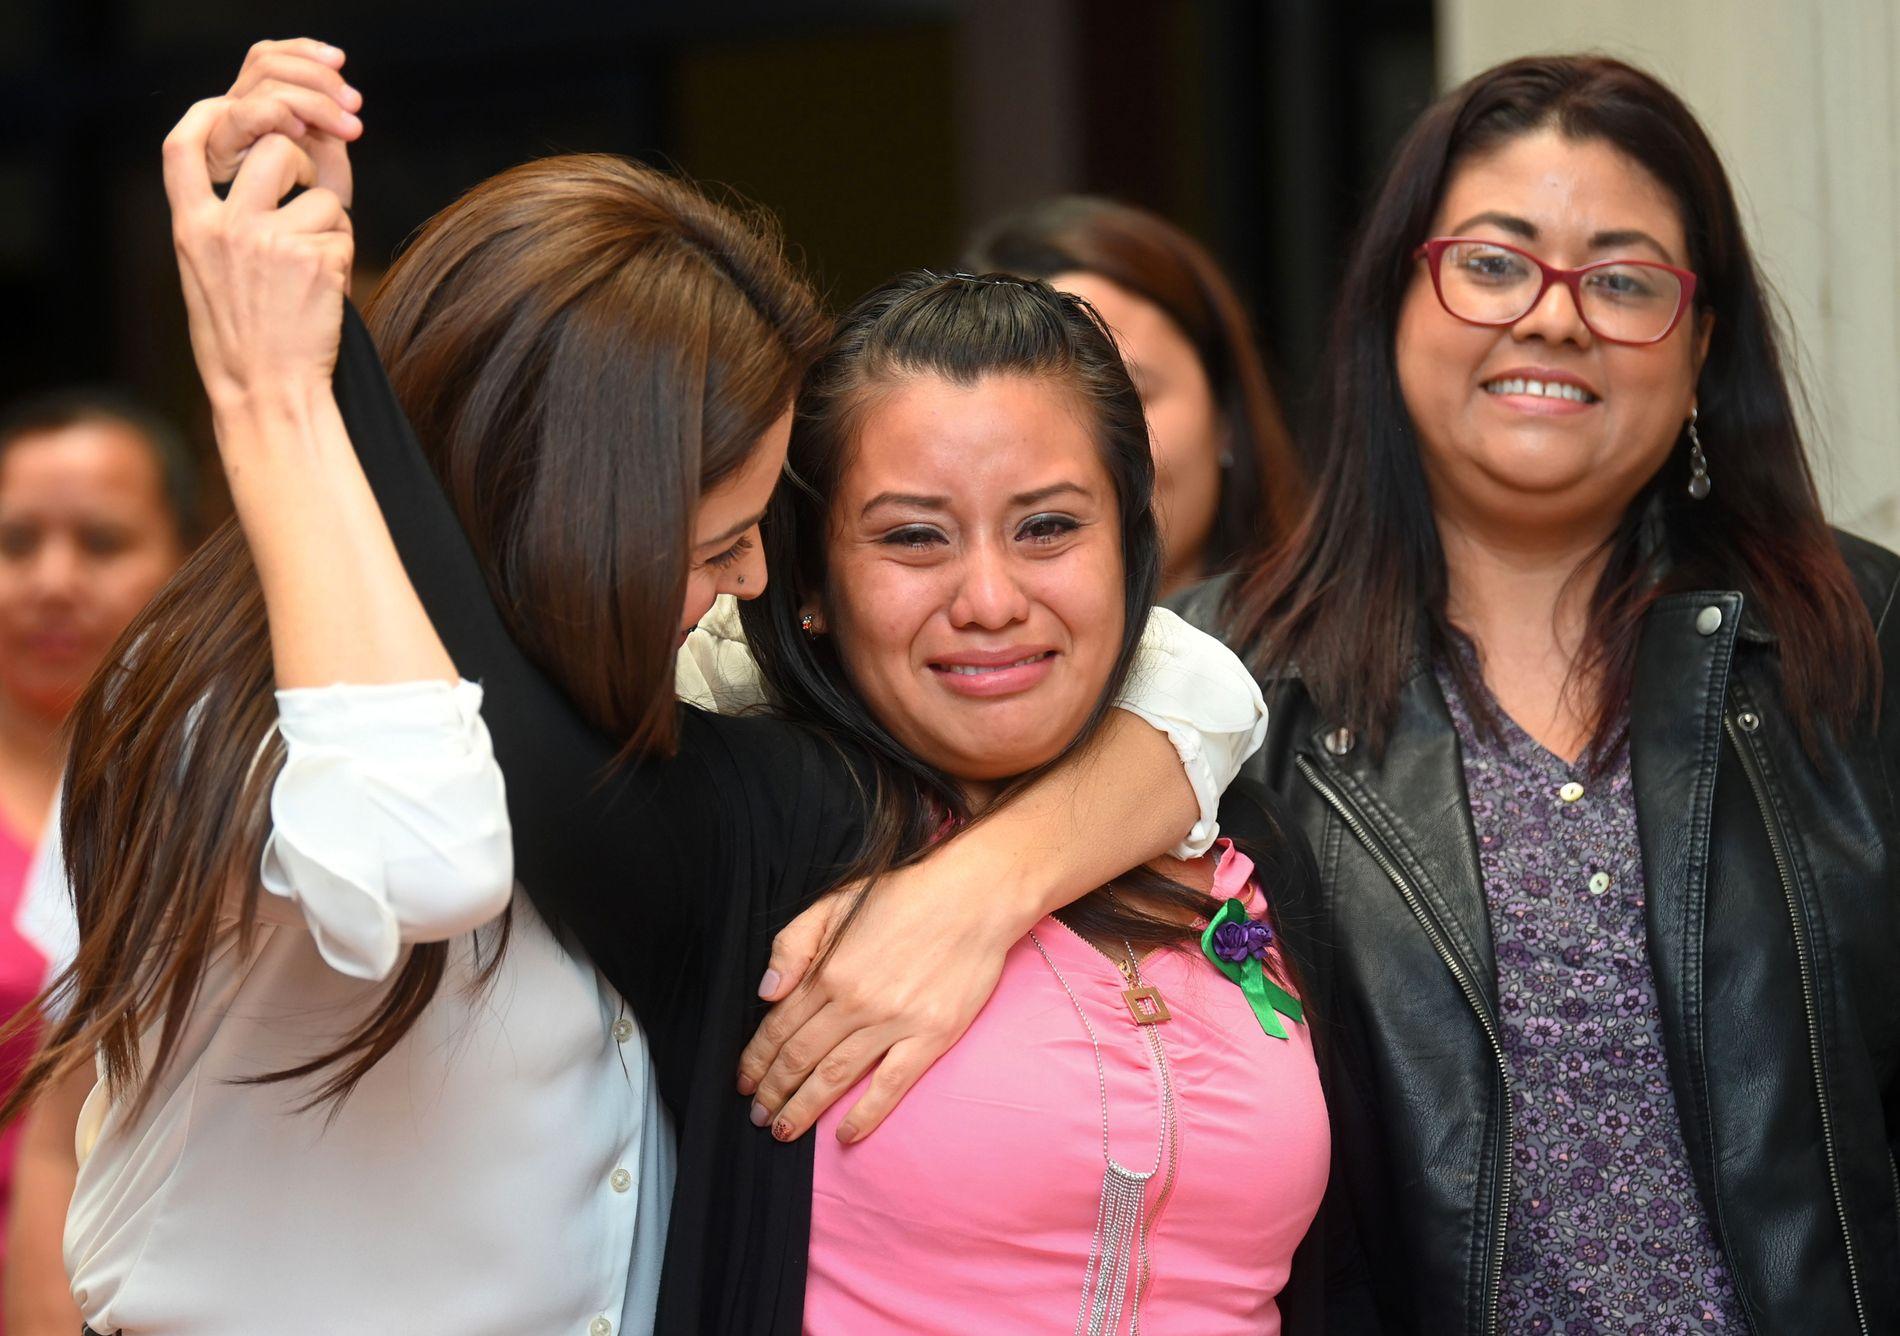 VANT FREM: Evelynd Hernández (21) ble mandag frifunnet i retten. Hun har tidligere vært dømt to ganger for å ha drept barnet sitt, som ble dødfødt for tre år siden.